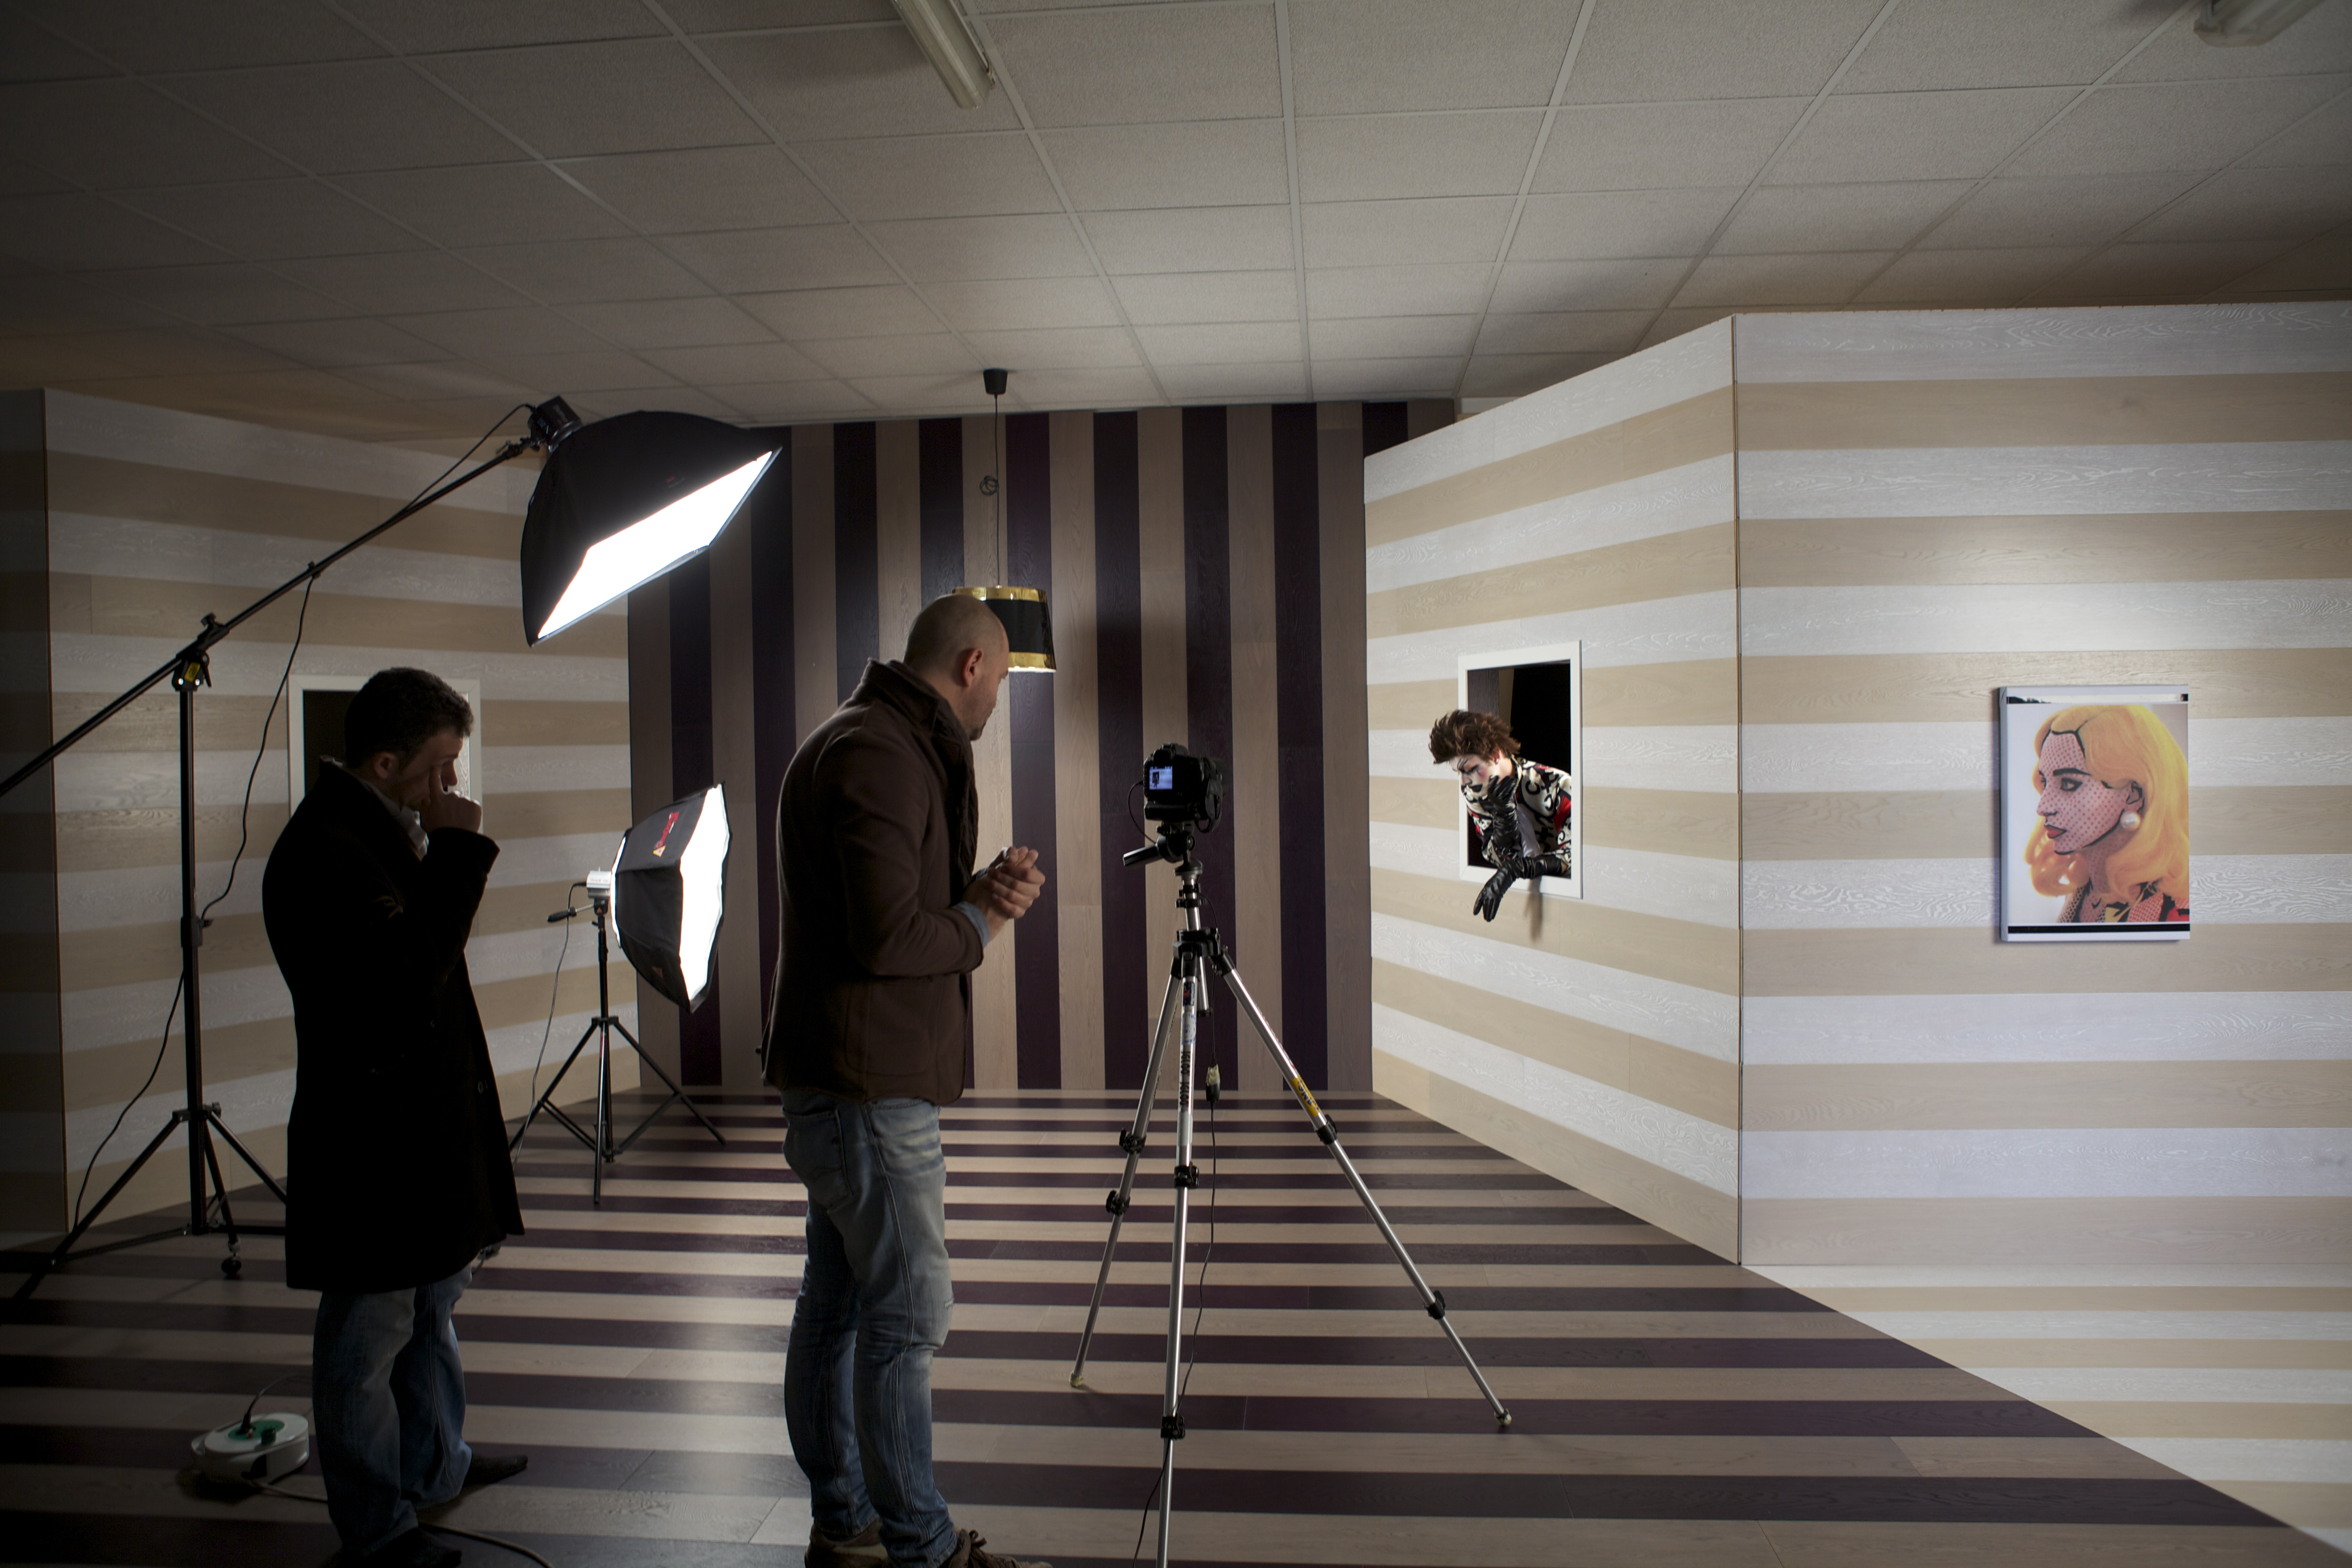 La linea berti studio si rinnova color your soul color for Arredamento studio fotografico